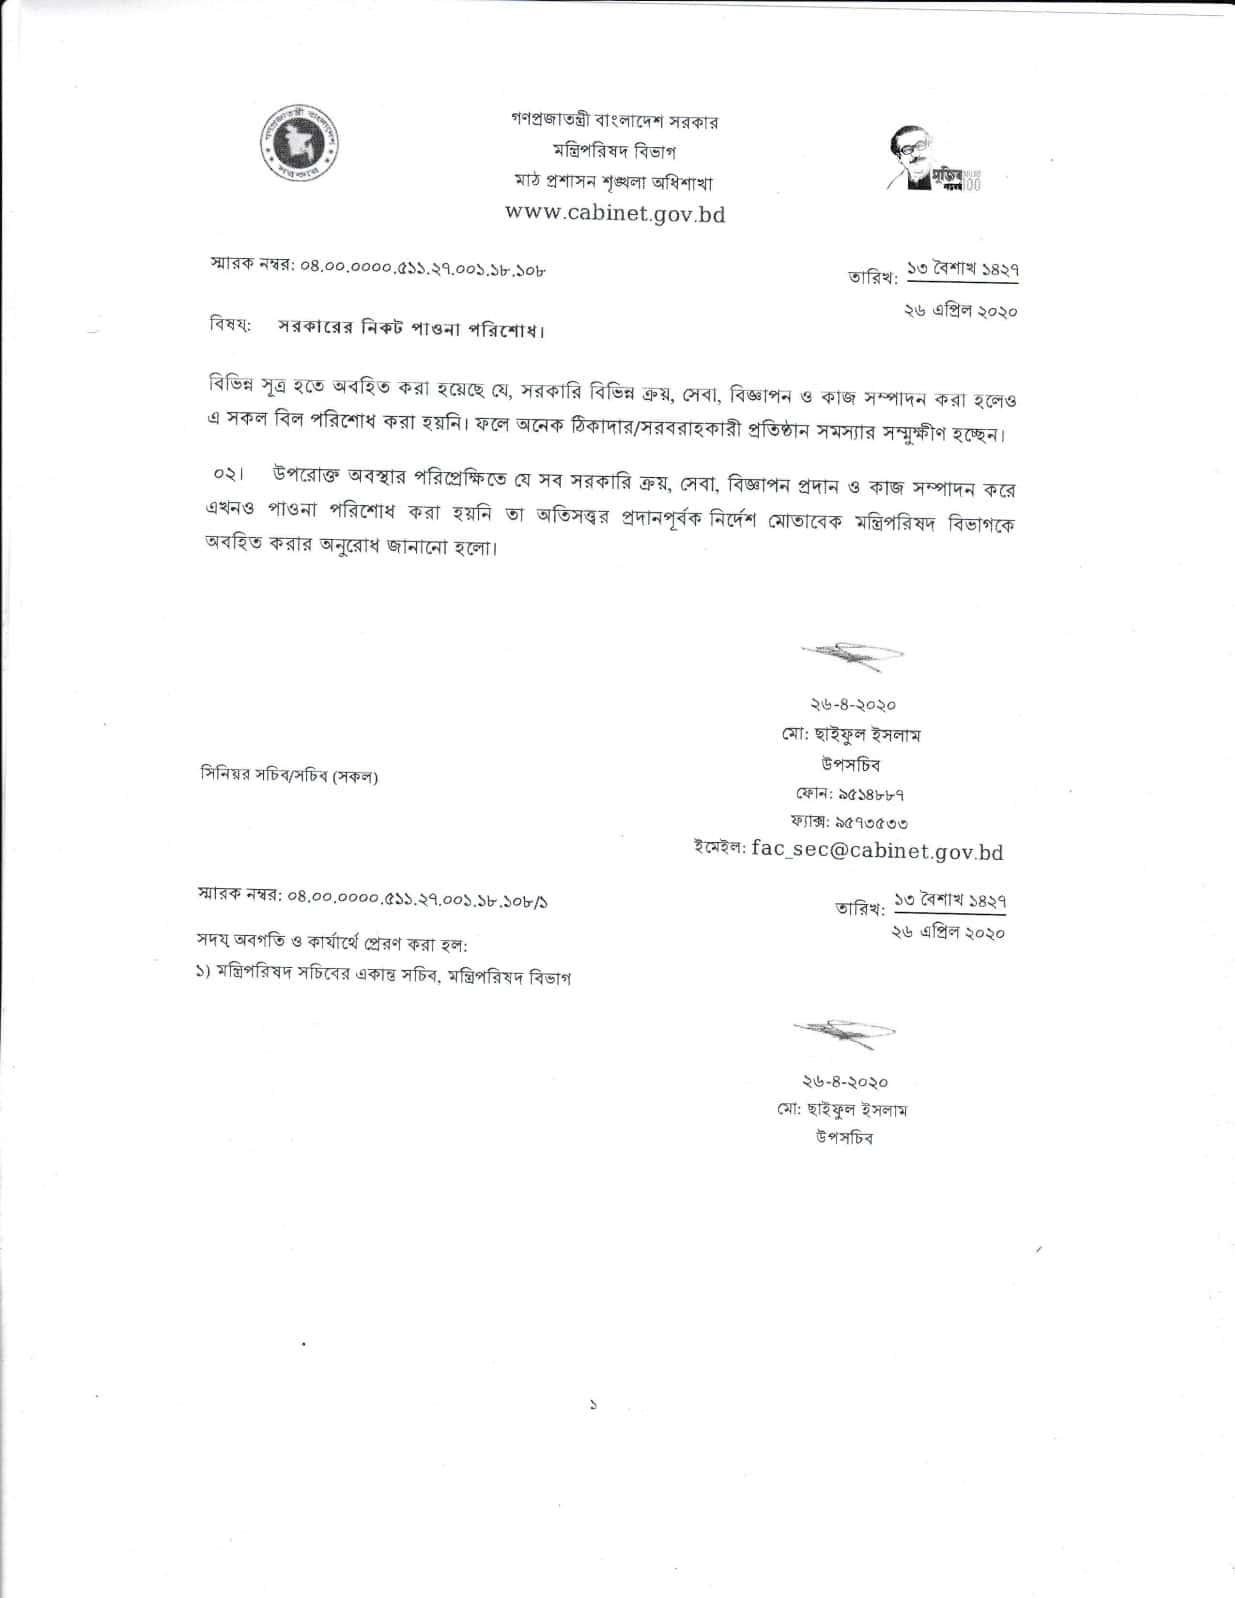 সরকারের নিকট পাওনা পরিশোধকরণ সংক্রান্ত ২০২০ | পাওনা পরিশোধকরণ সংক্রান্ত ২০২০